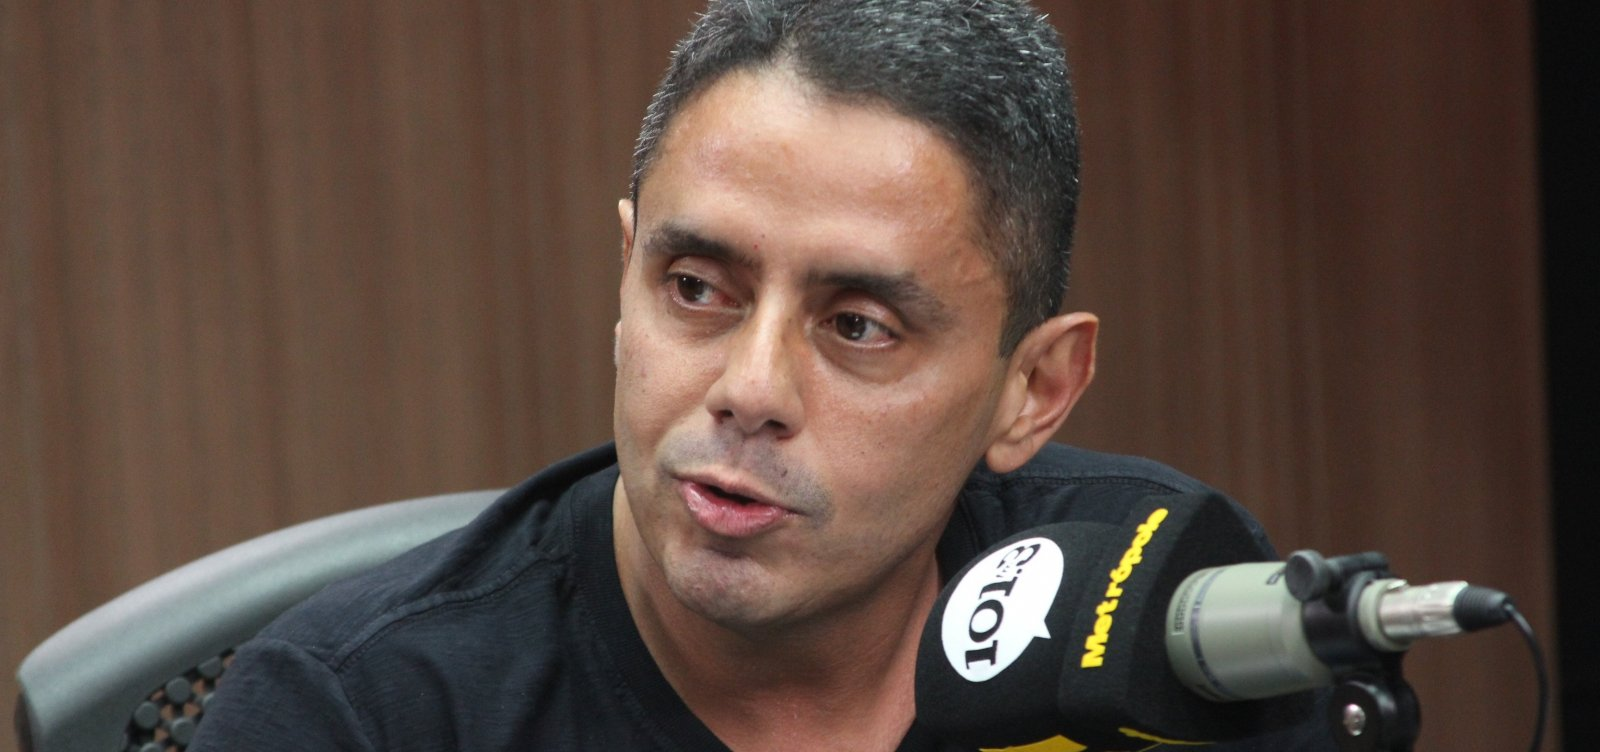 Gamil Föppel receberá a Medalha Thomé de Souza da Câmara de Salvador